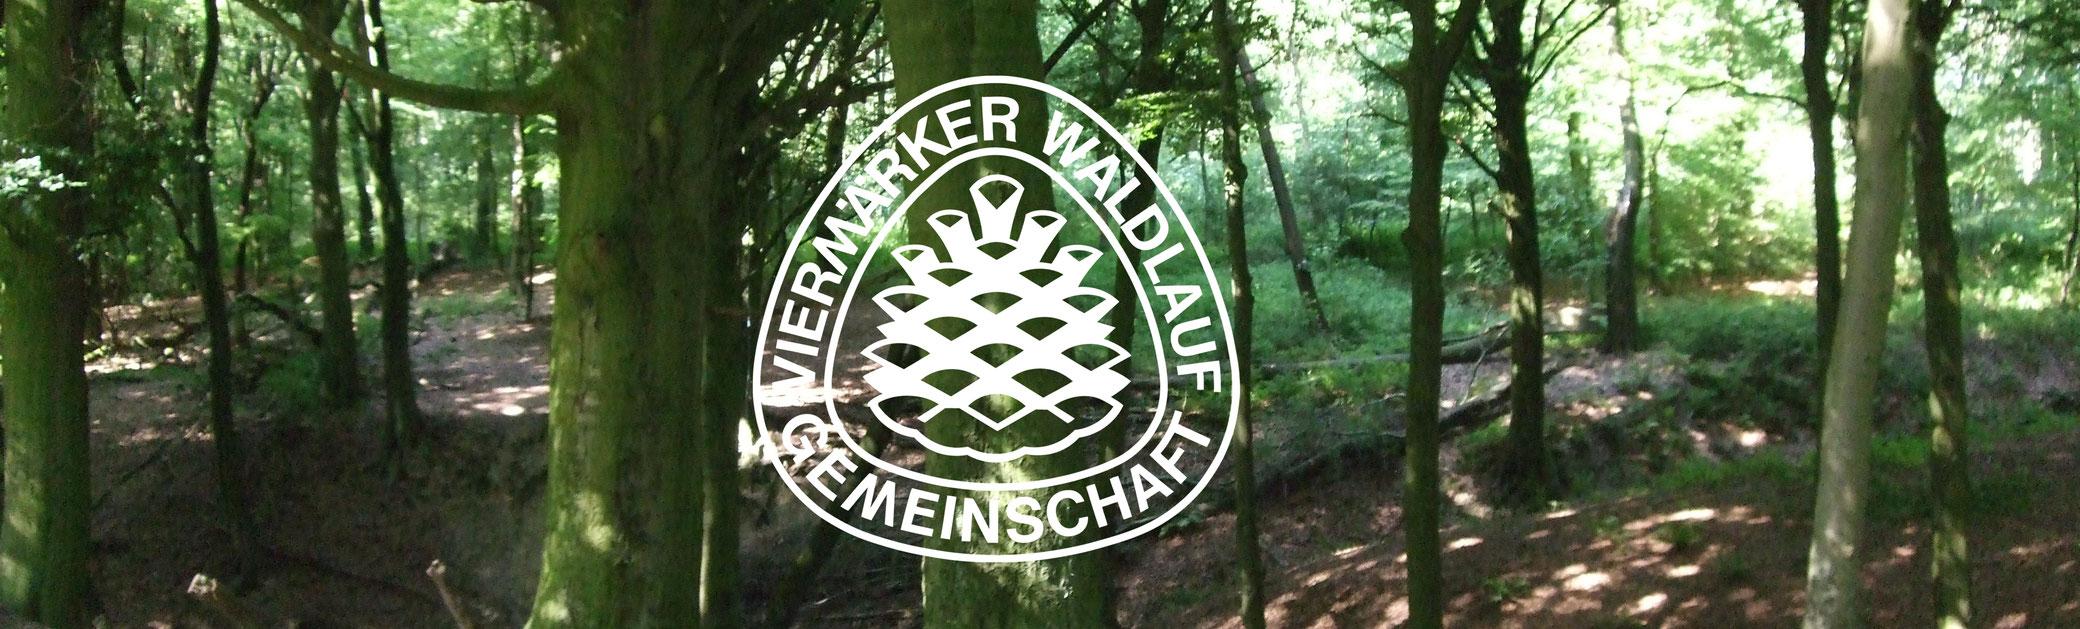 Viermärker Dortmund